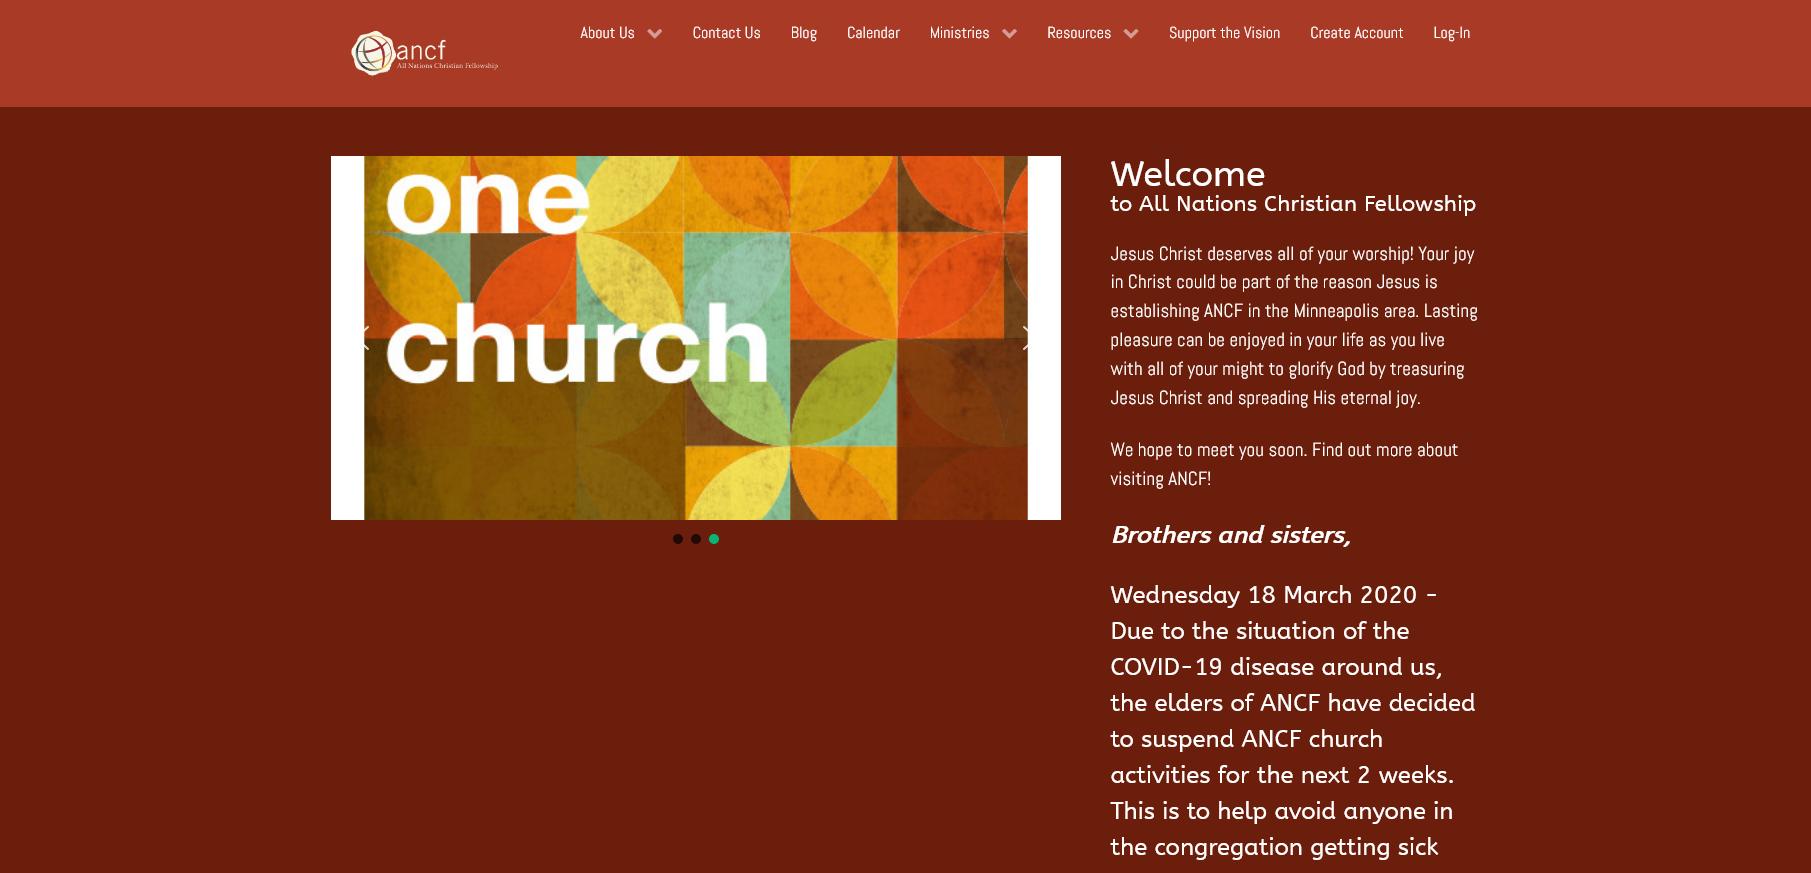 ANCF - All Nations Christian Fellowship